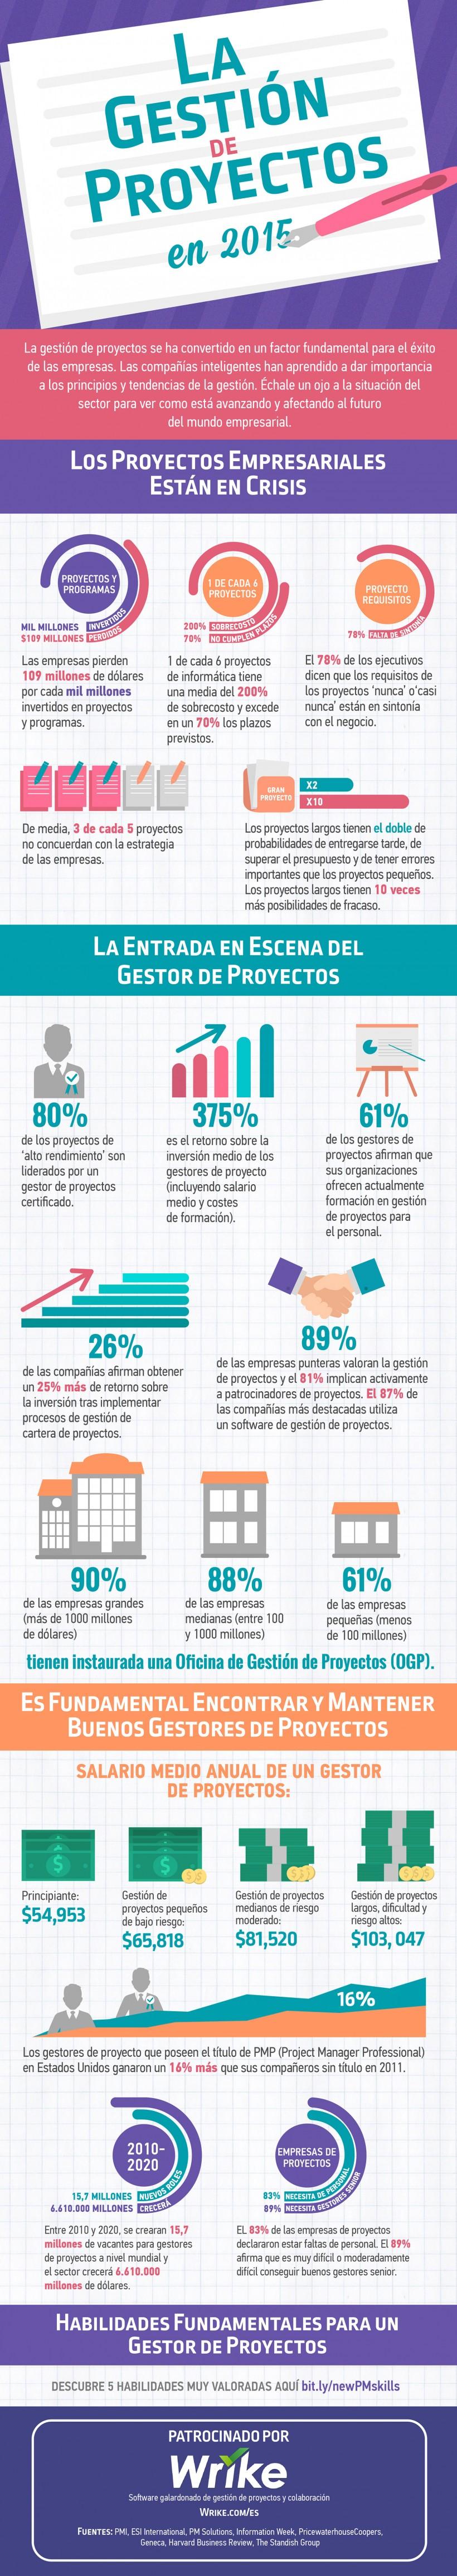 La Gestión de Proyectos en 2015 (Infografía)